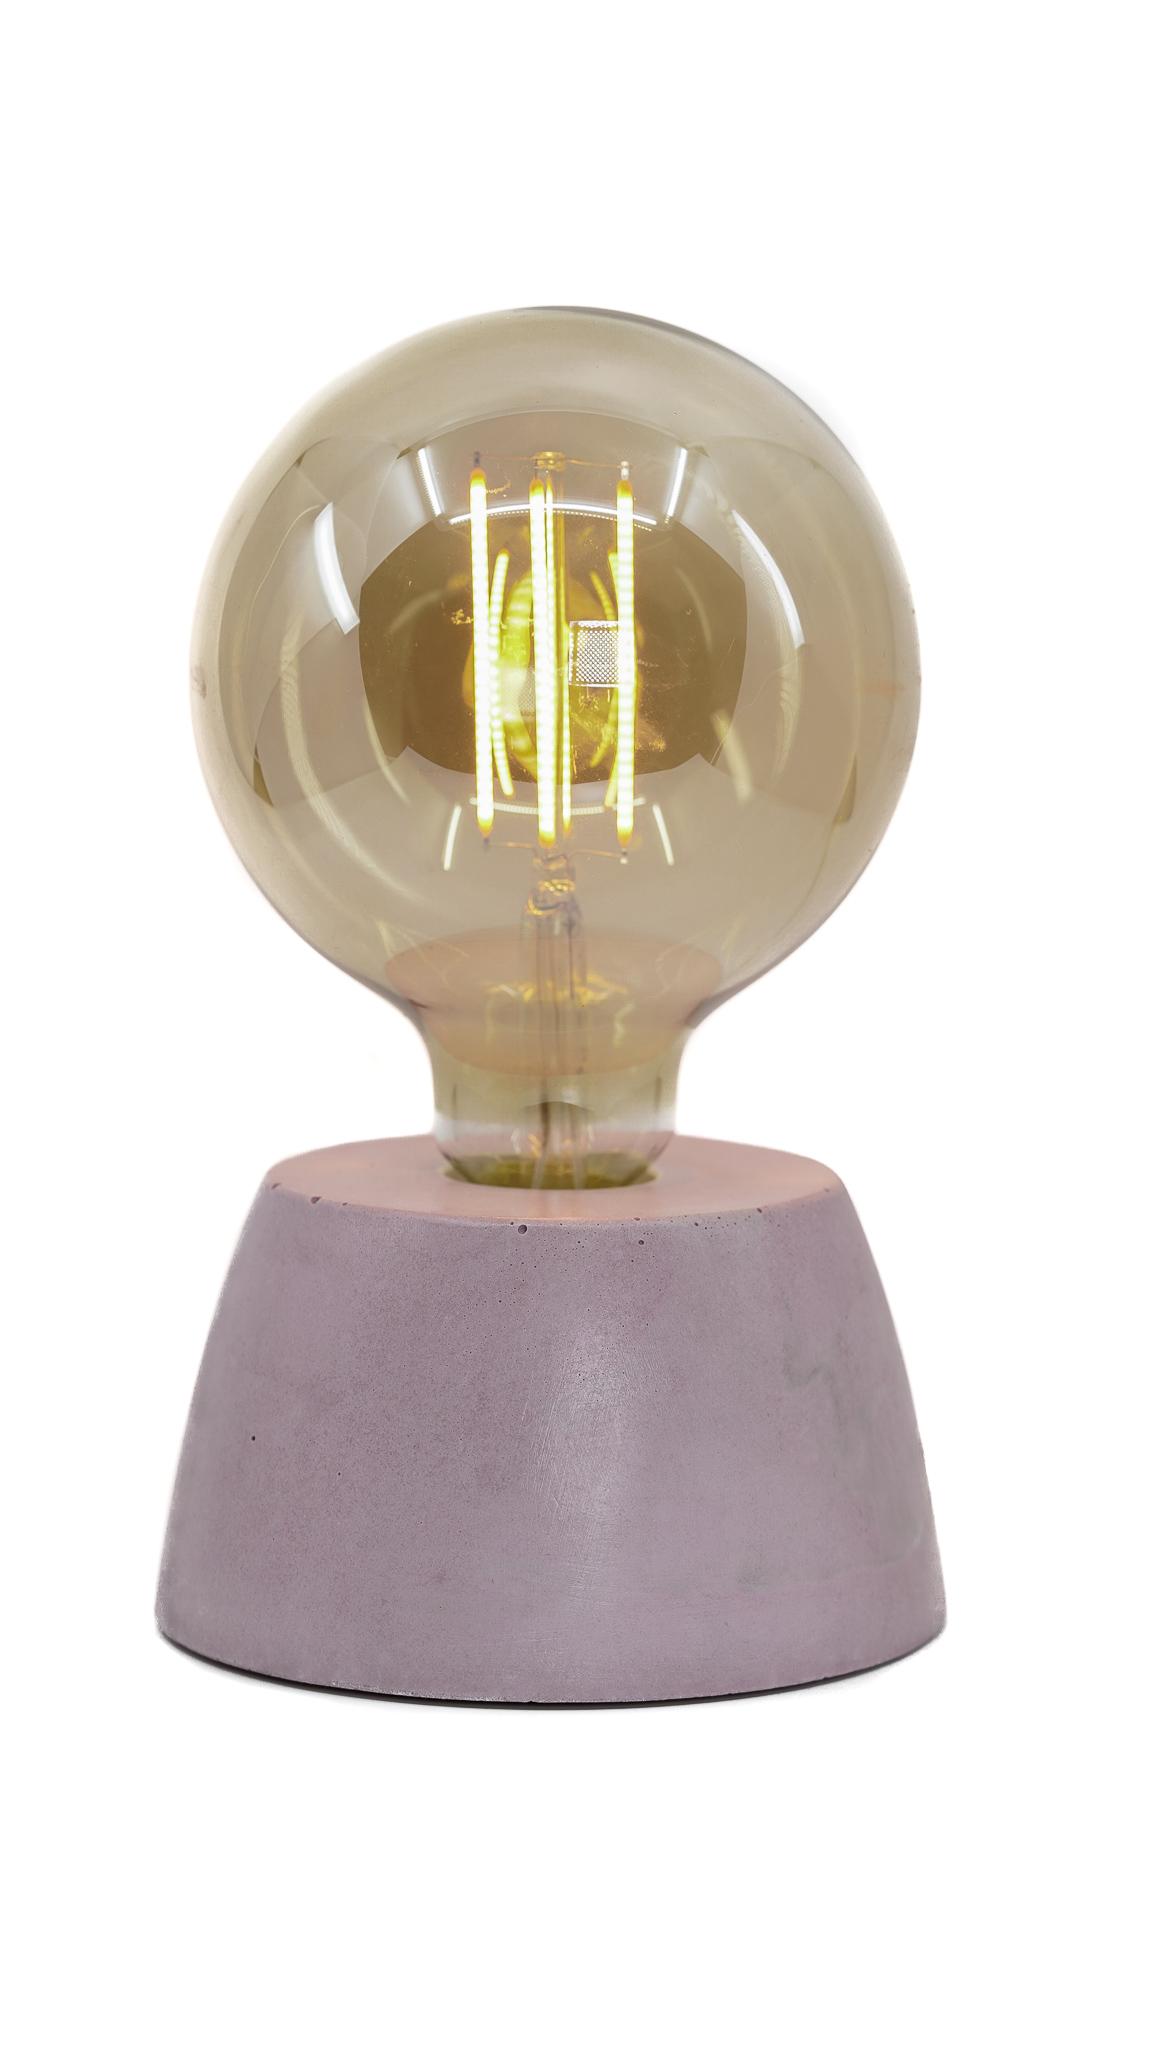 Lampe dôme en béton rose pastel fabrication artisanale